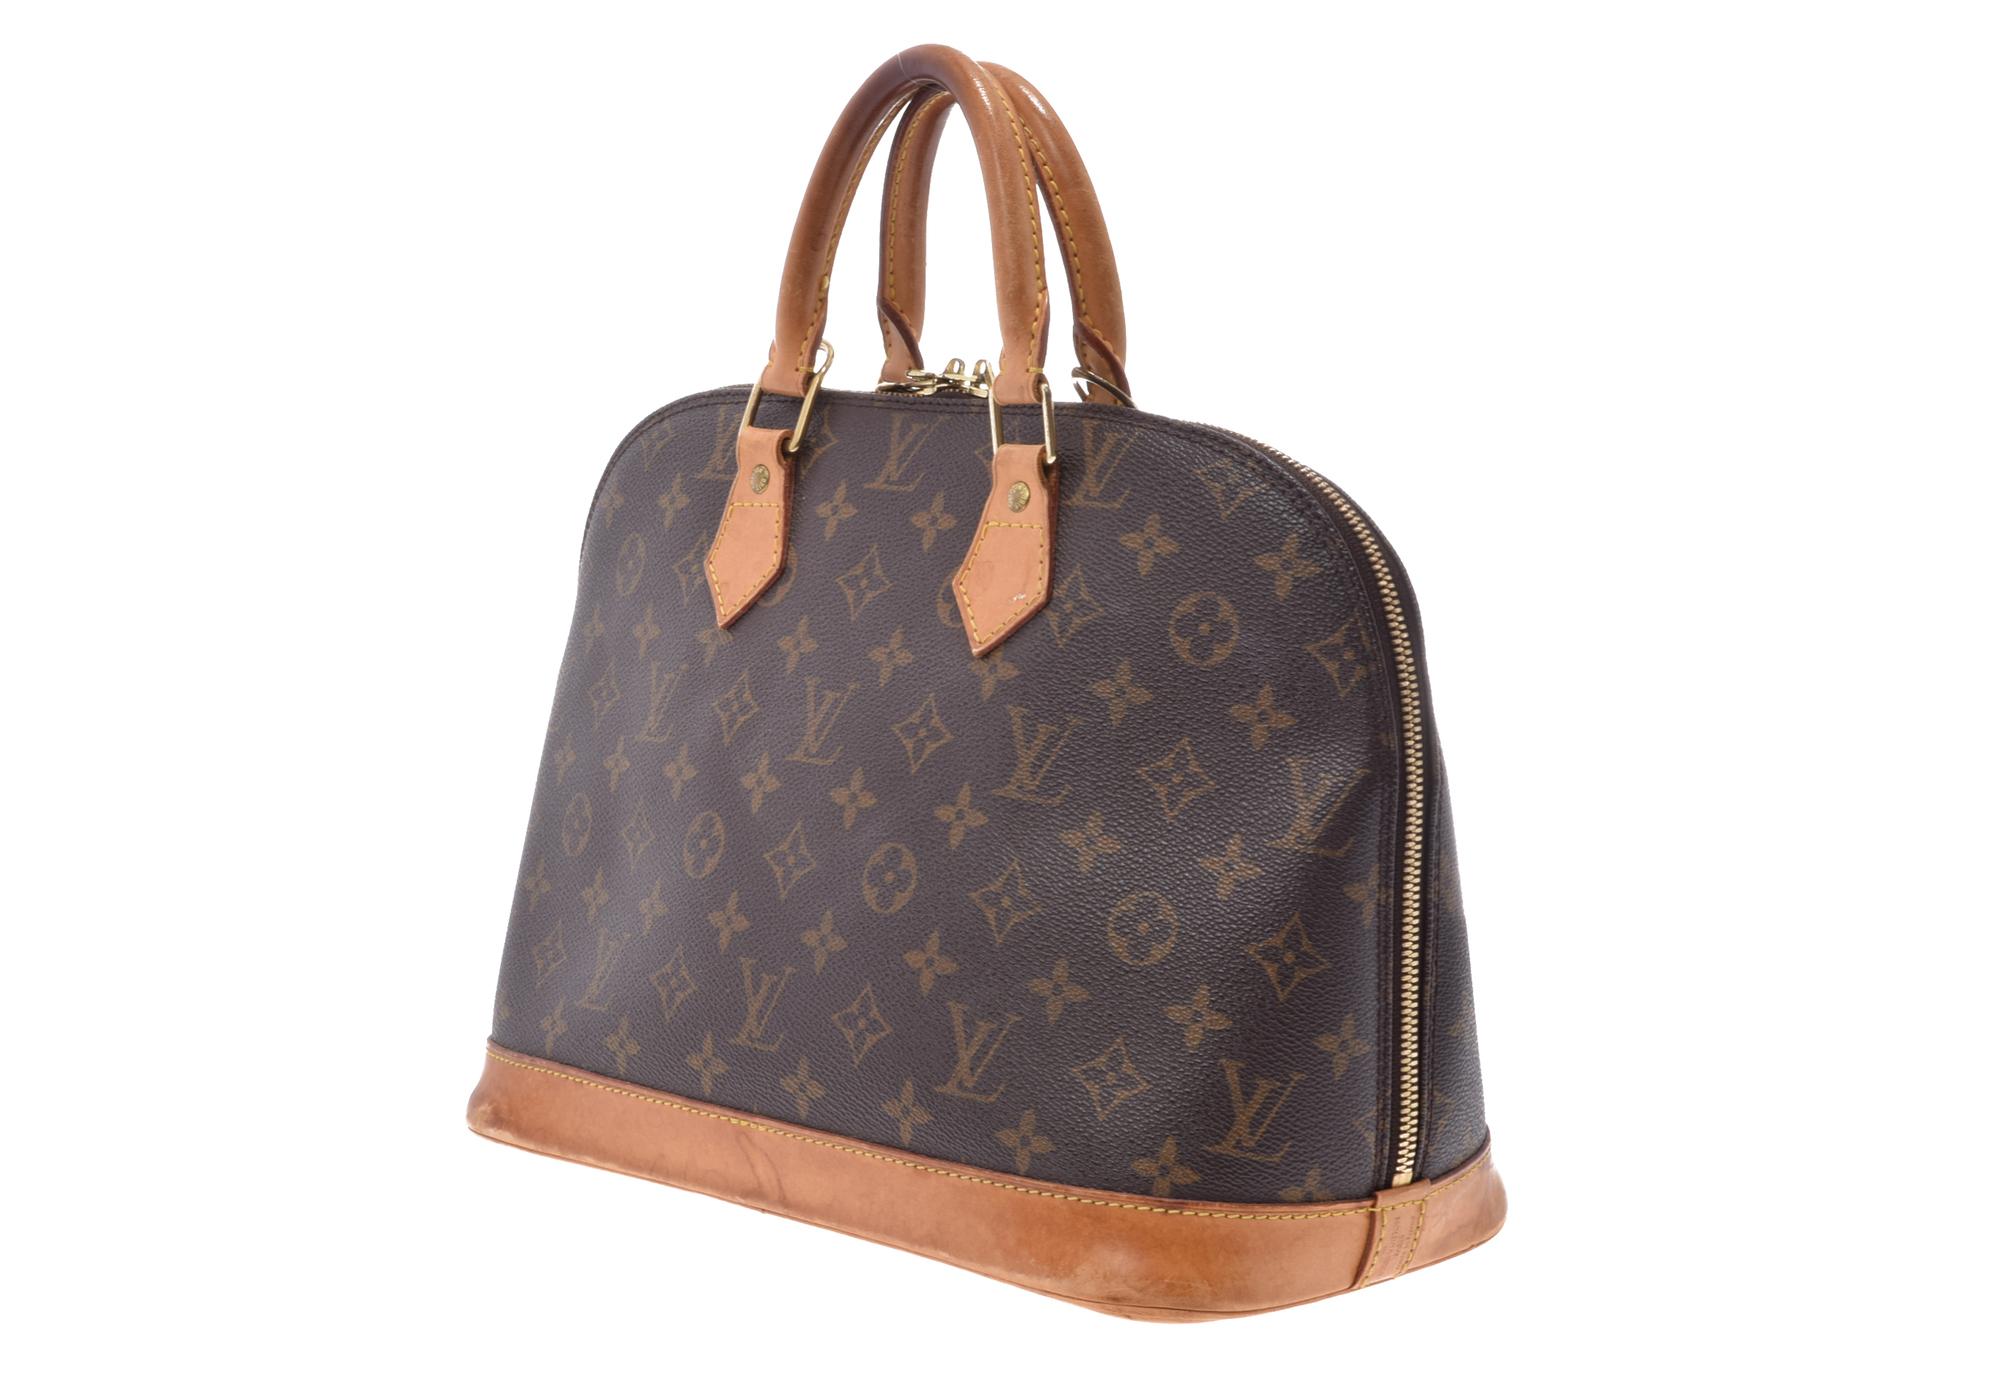 80f865c27591 Authentic Louis Vuitton Alma M51130 Handbag Monogram 808000608314000 ...